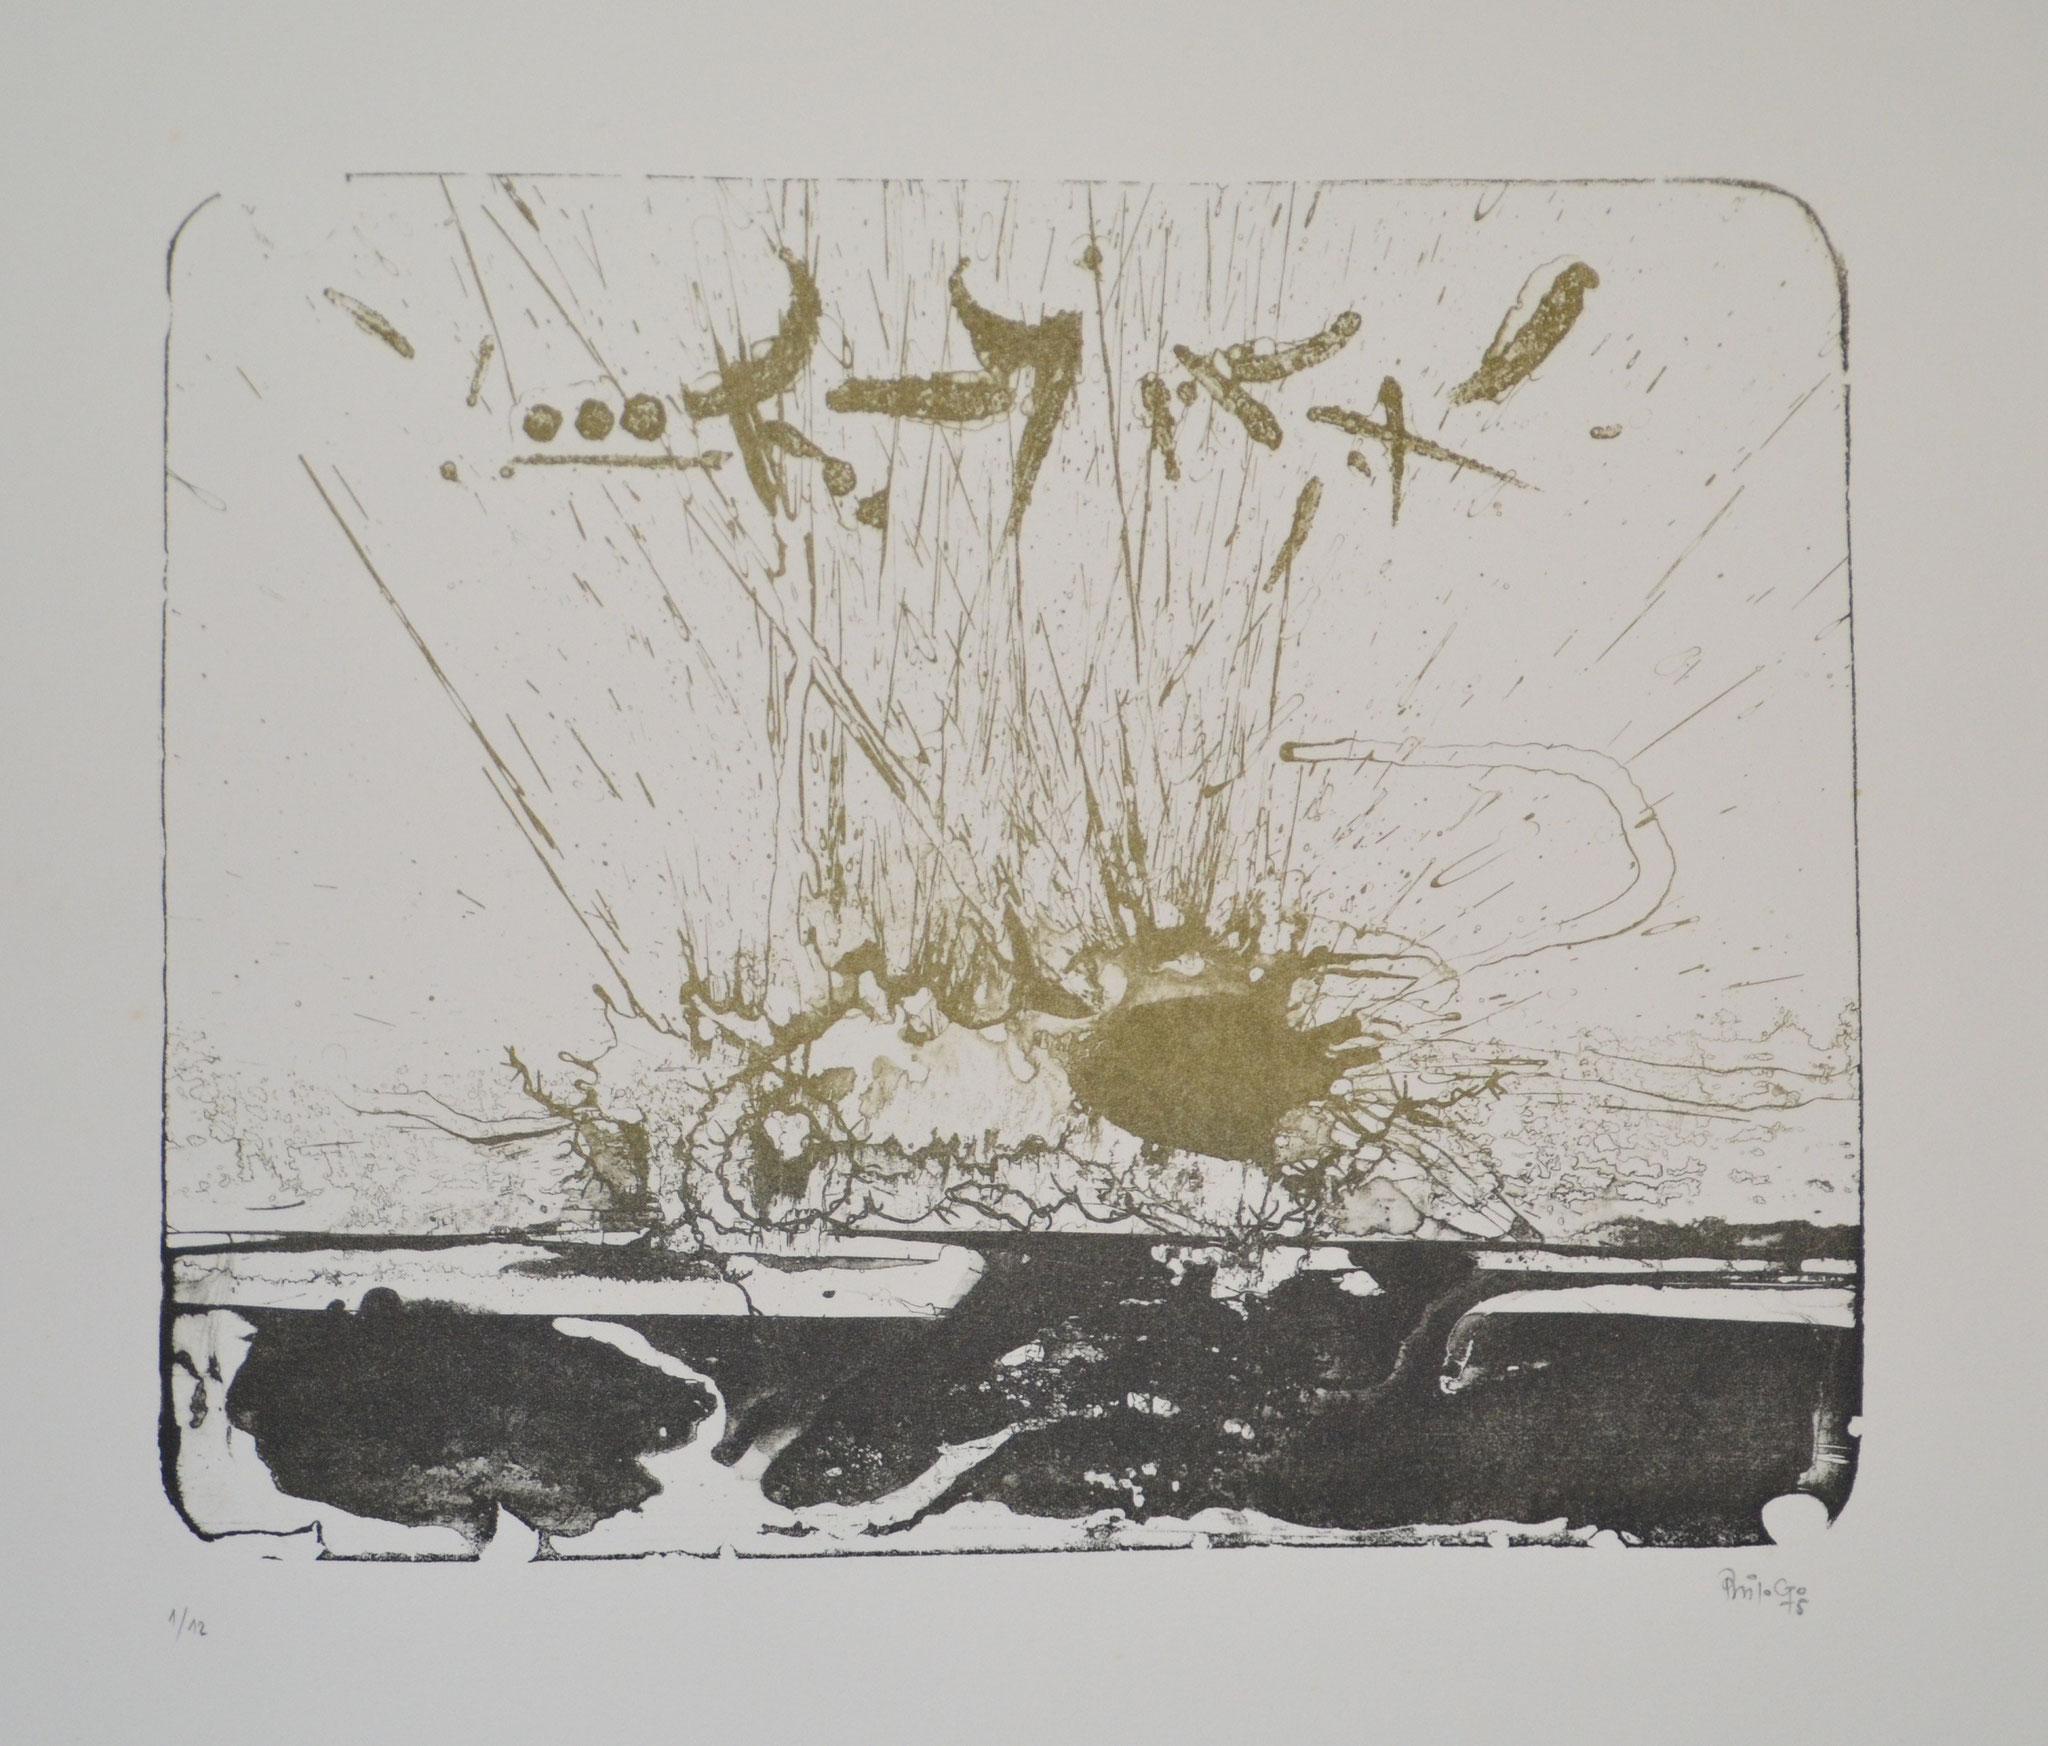 Moutier Jura 1974 lithographie 56x38cm 1974